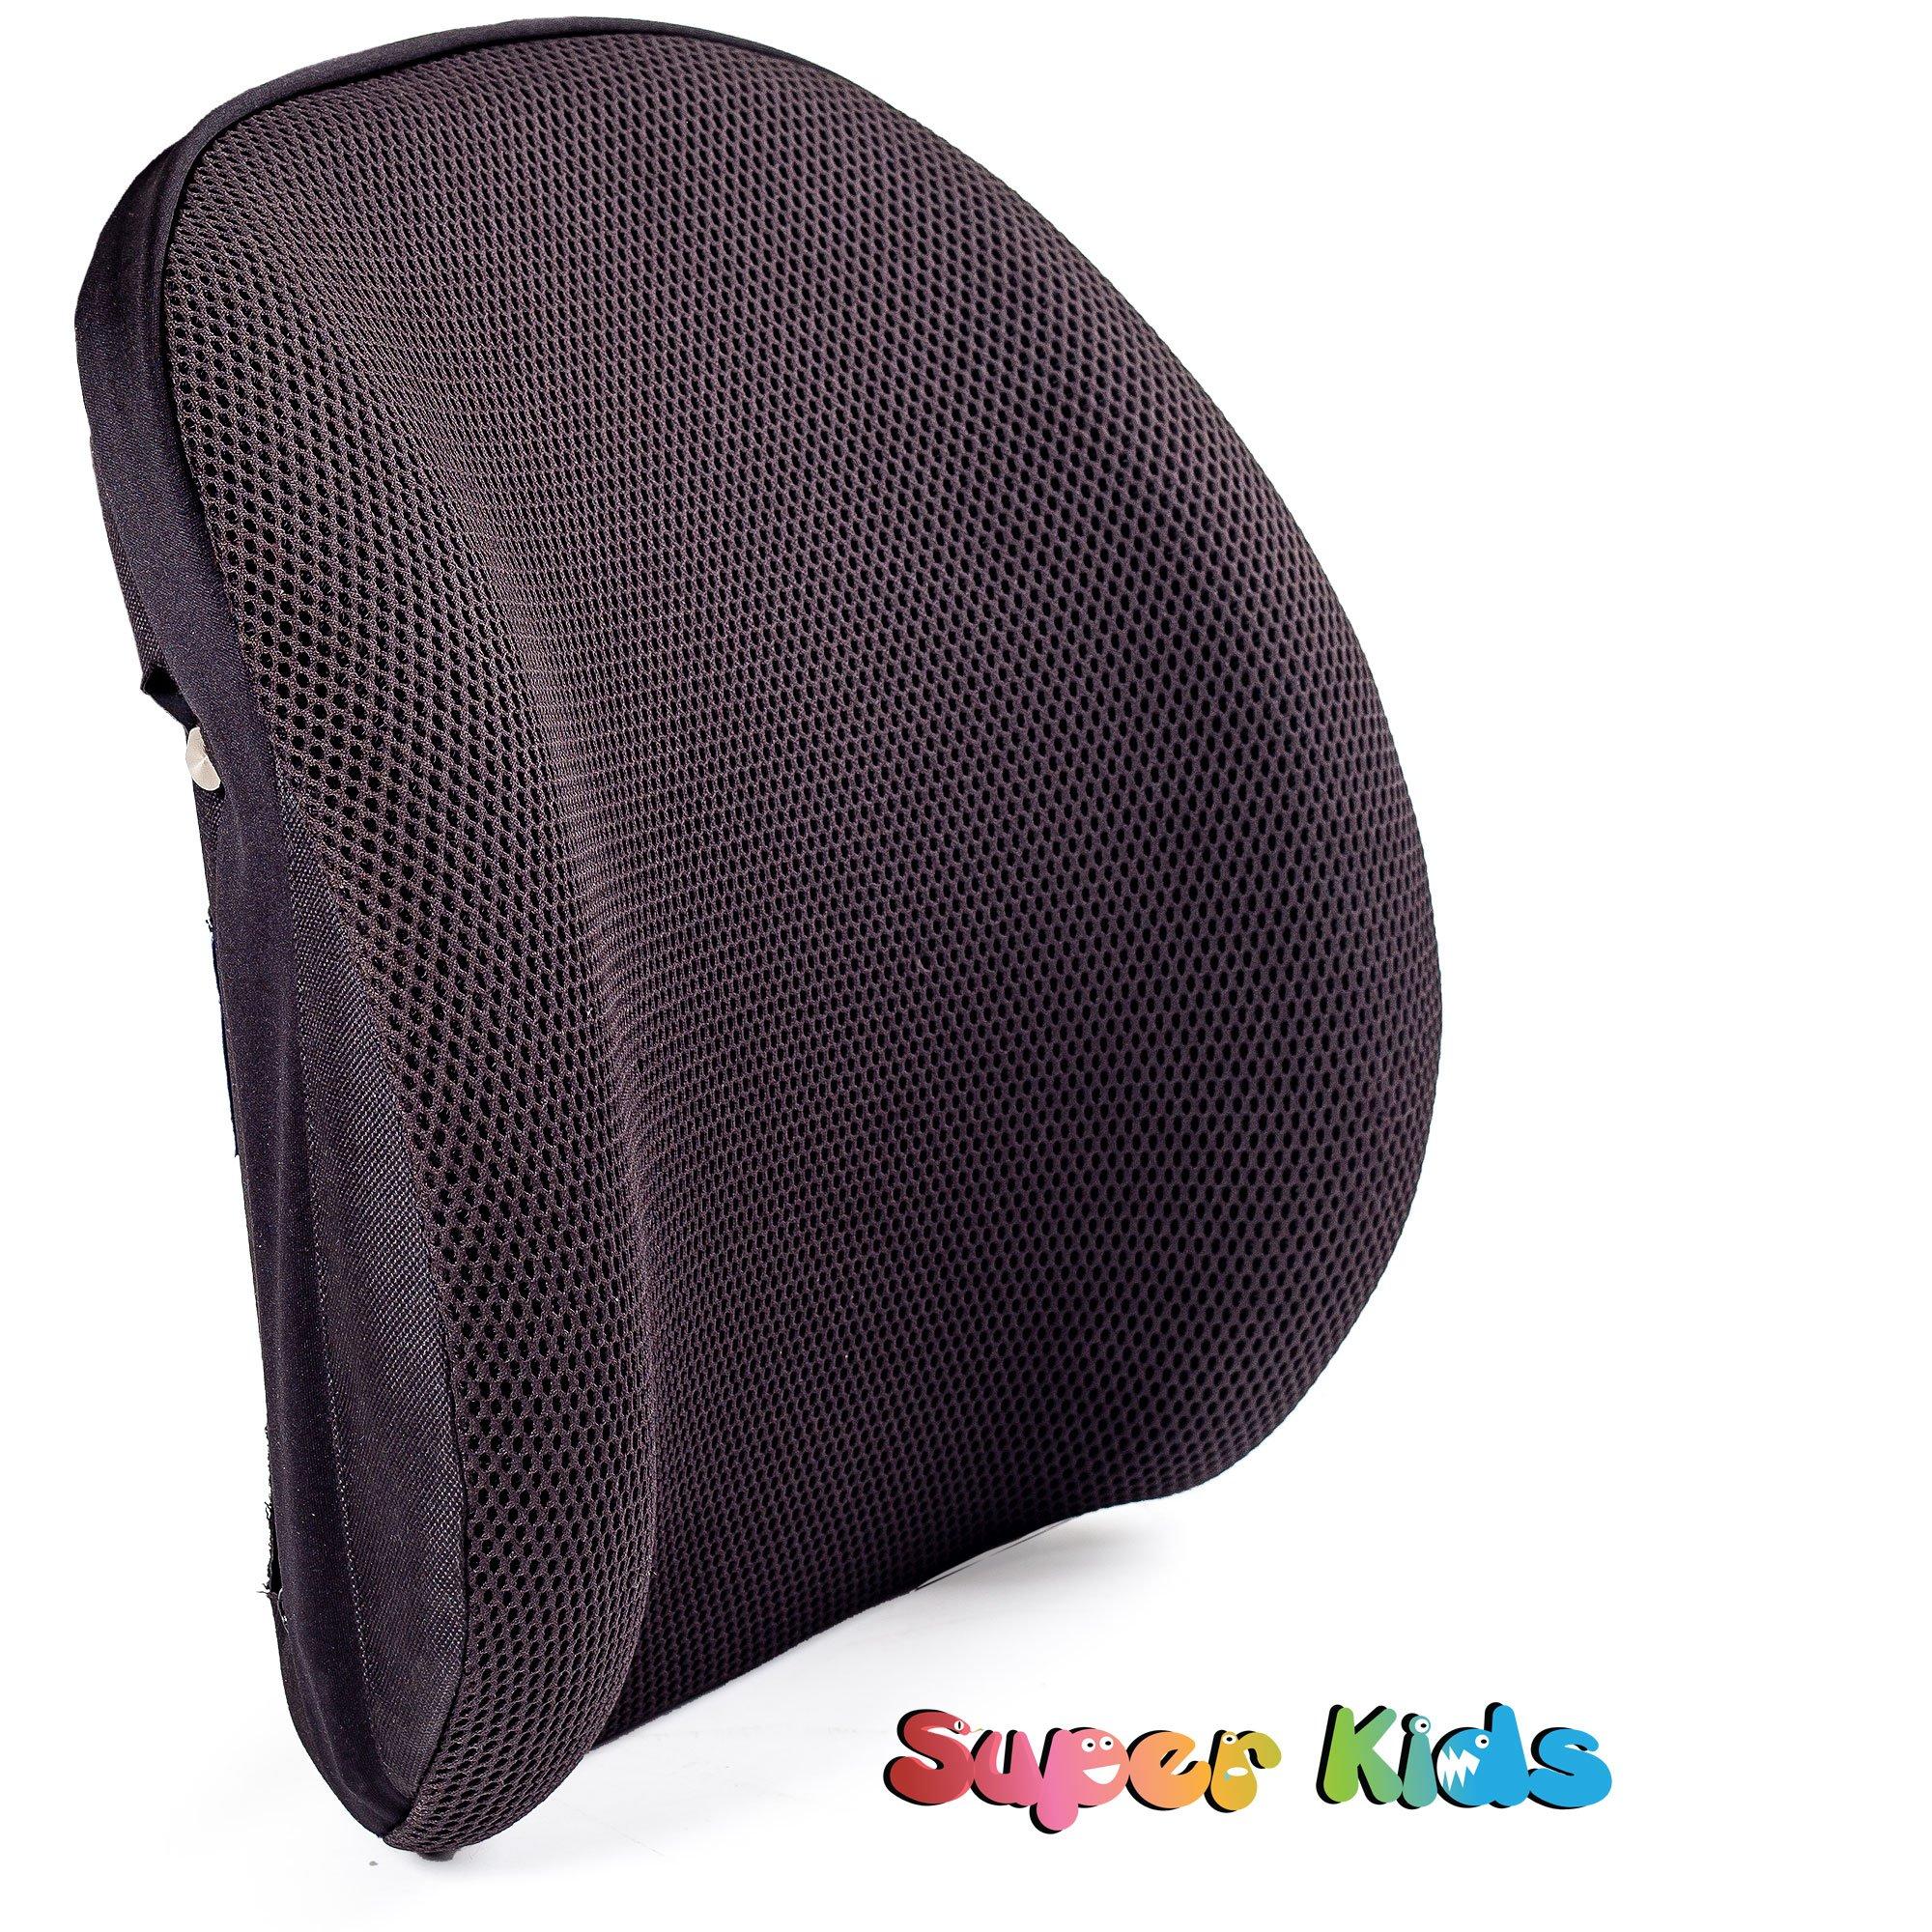 backrest wheelchair super kids